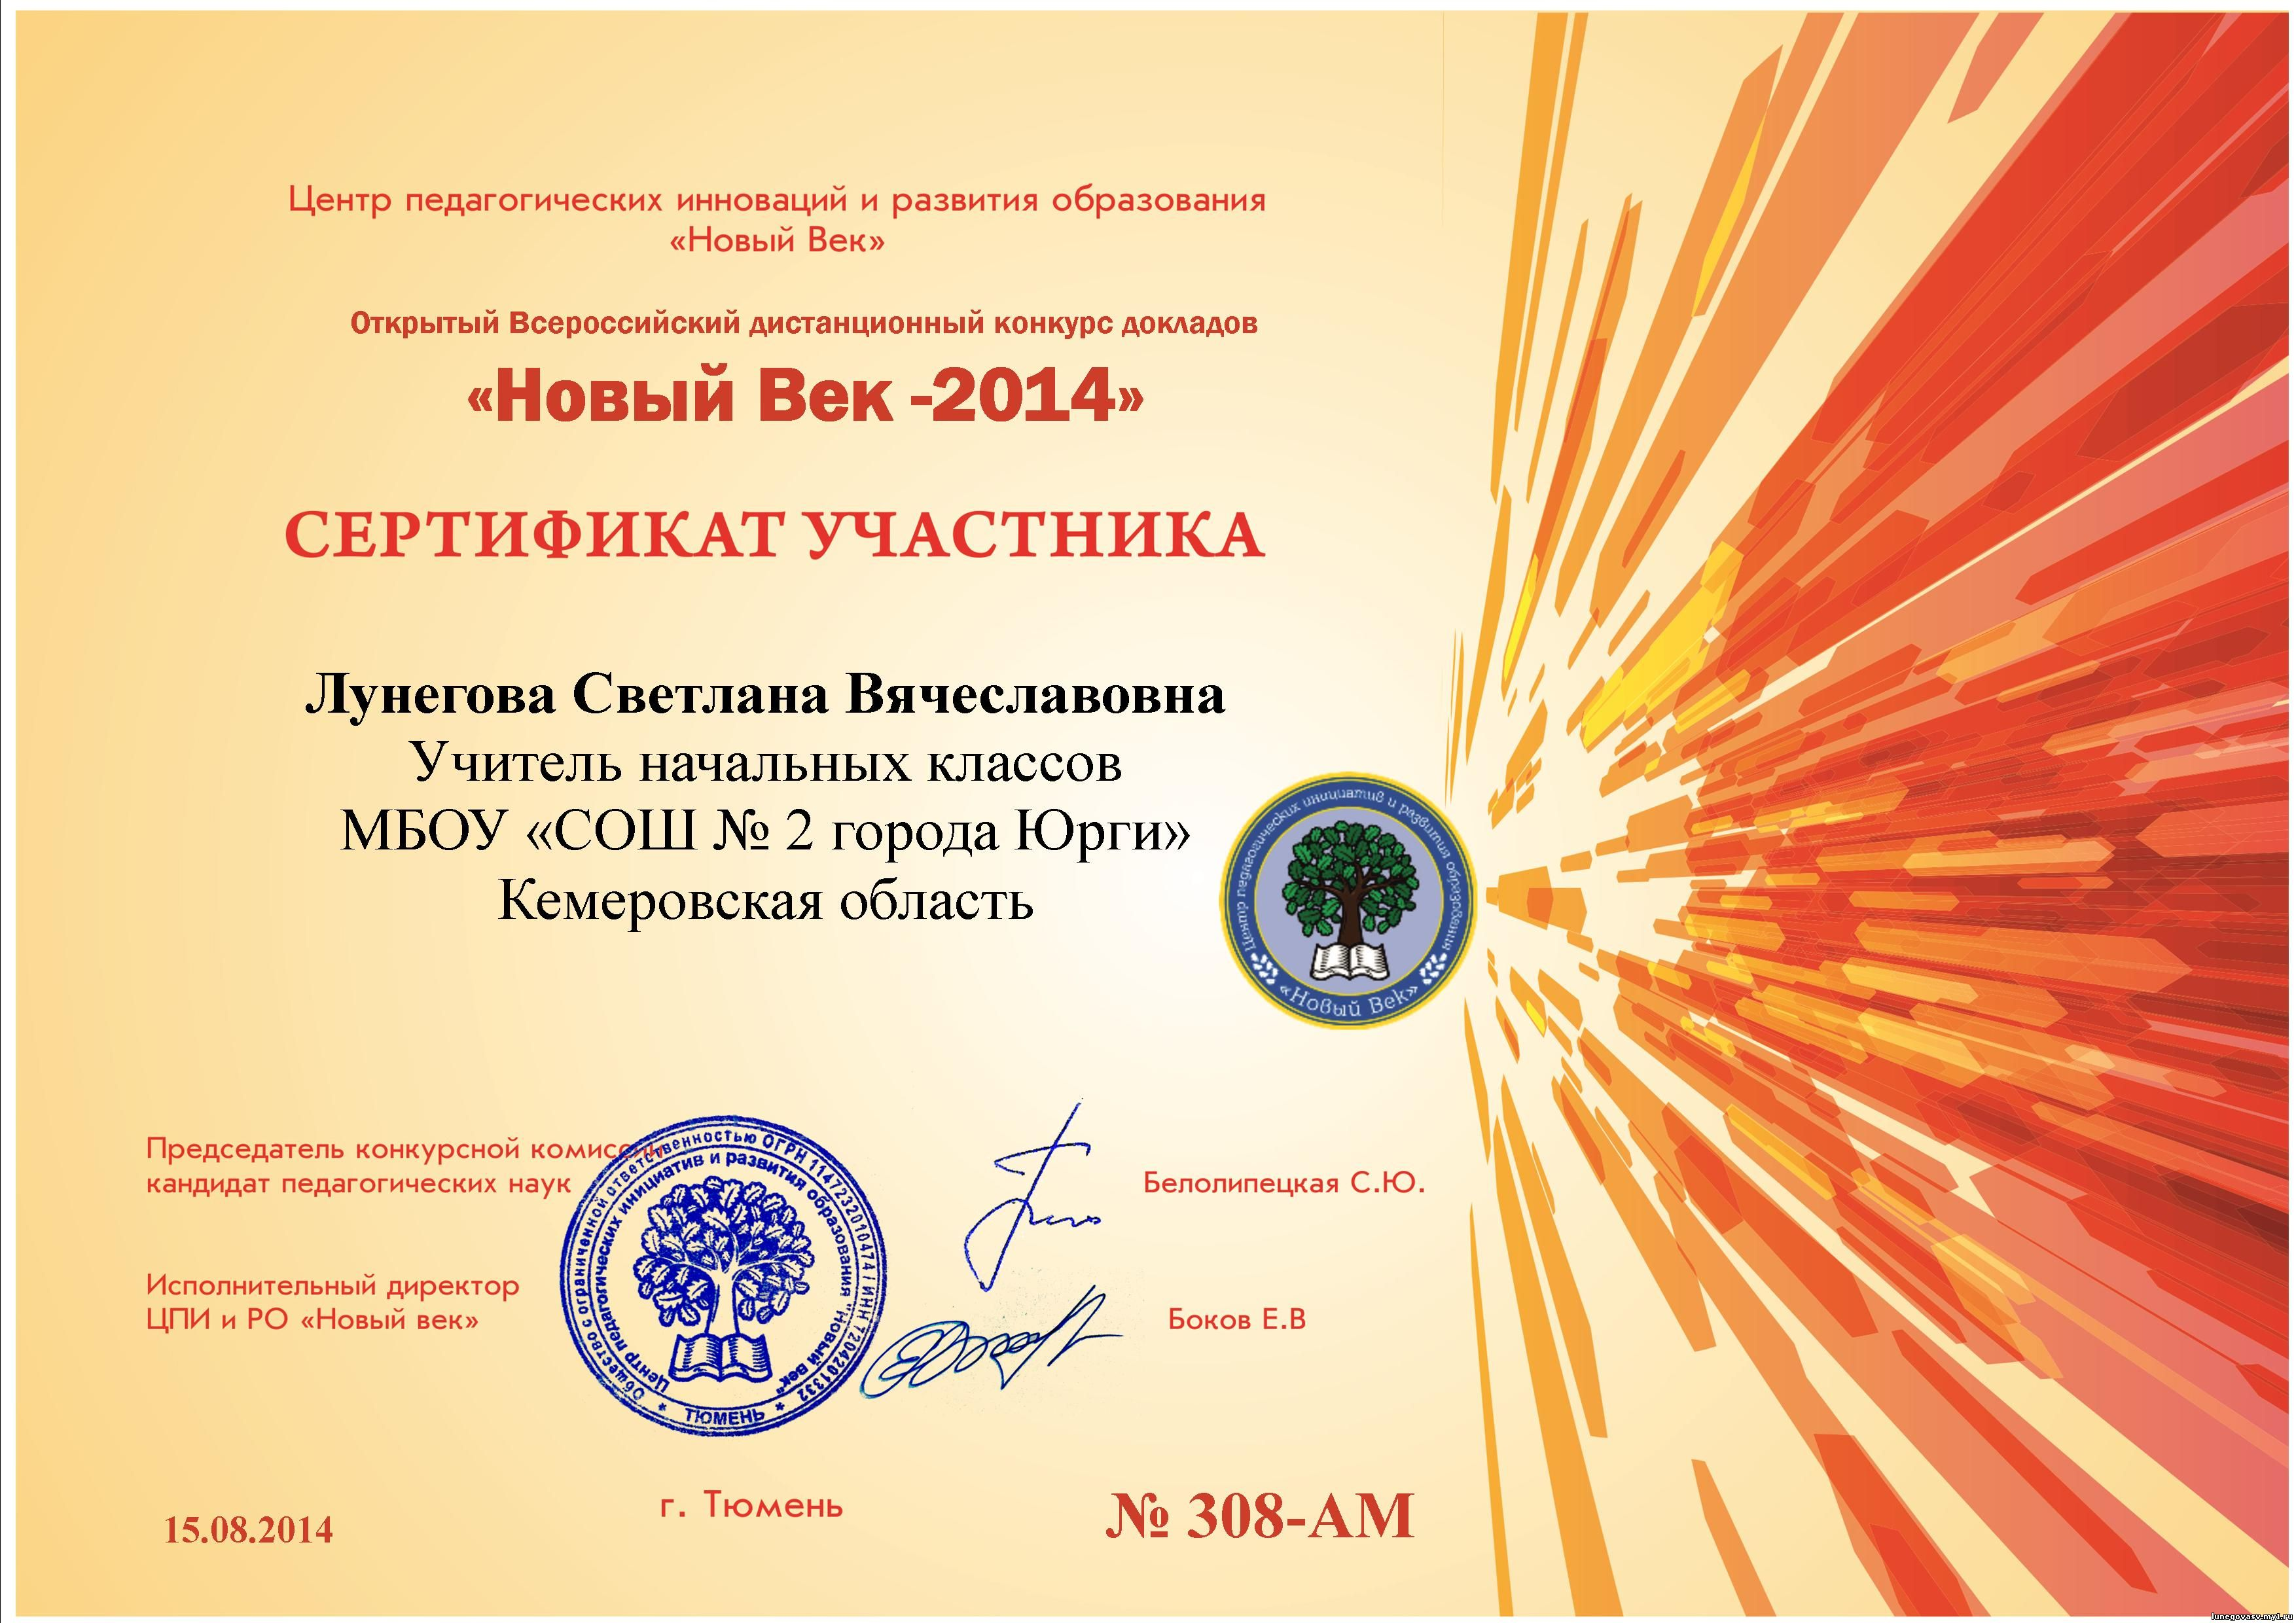 Всероссийский центр развития образования конкурс